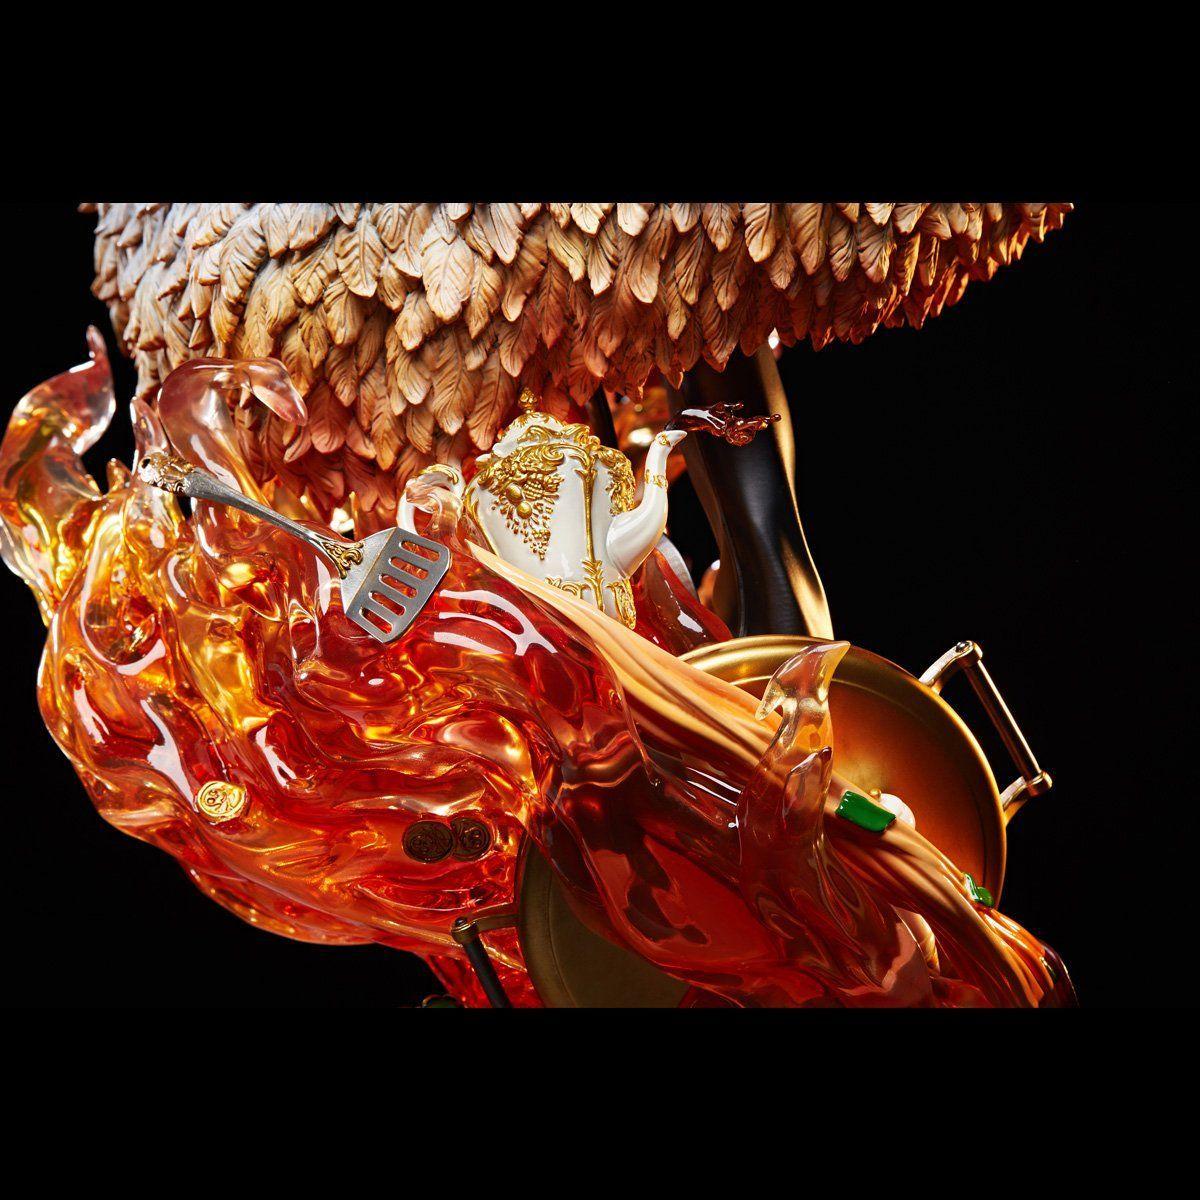 【限定販売】ワンピース ログコレクション 大型スタチューシリーズ『サンジ』完成品フィギュア-007